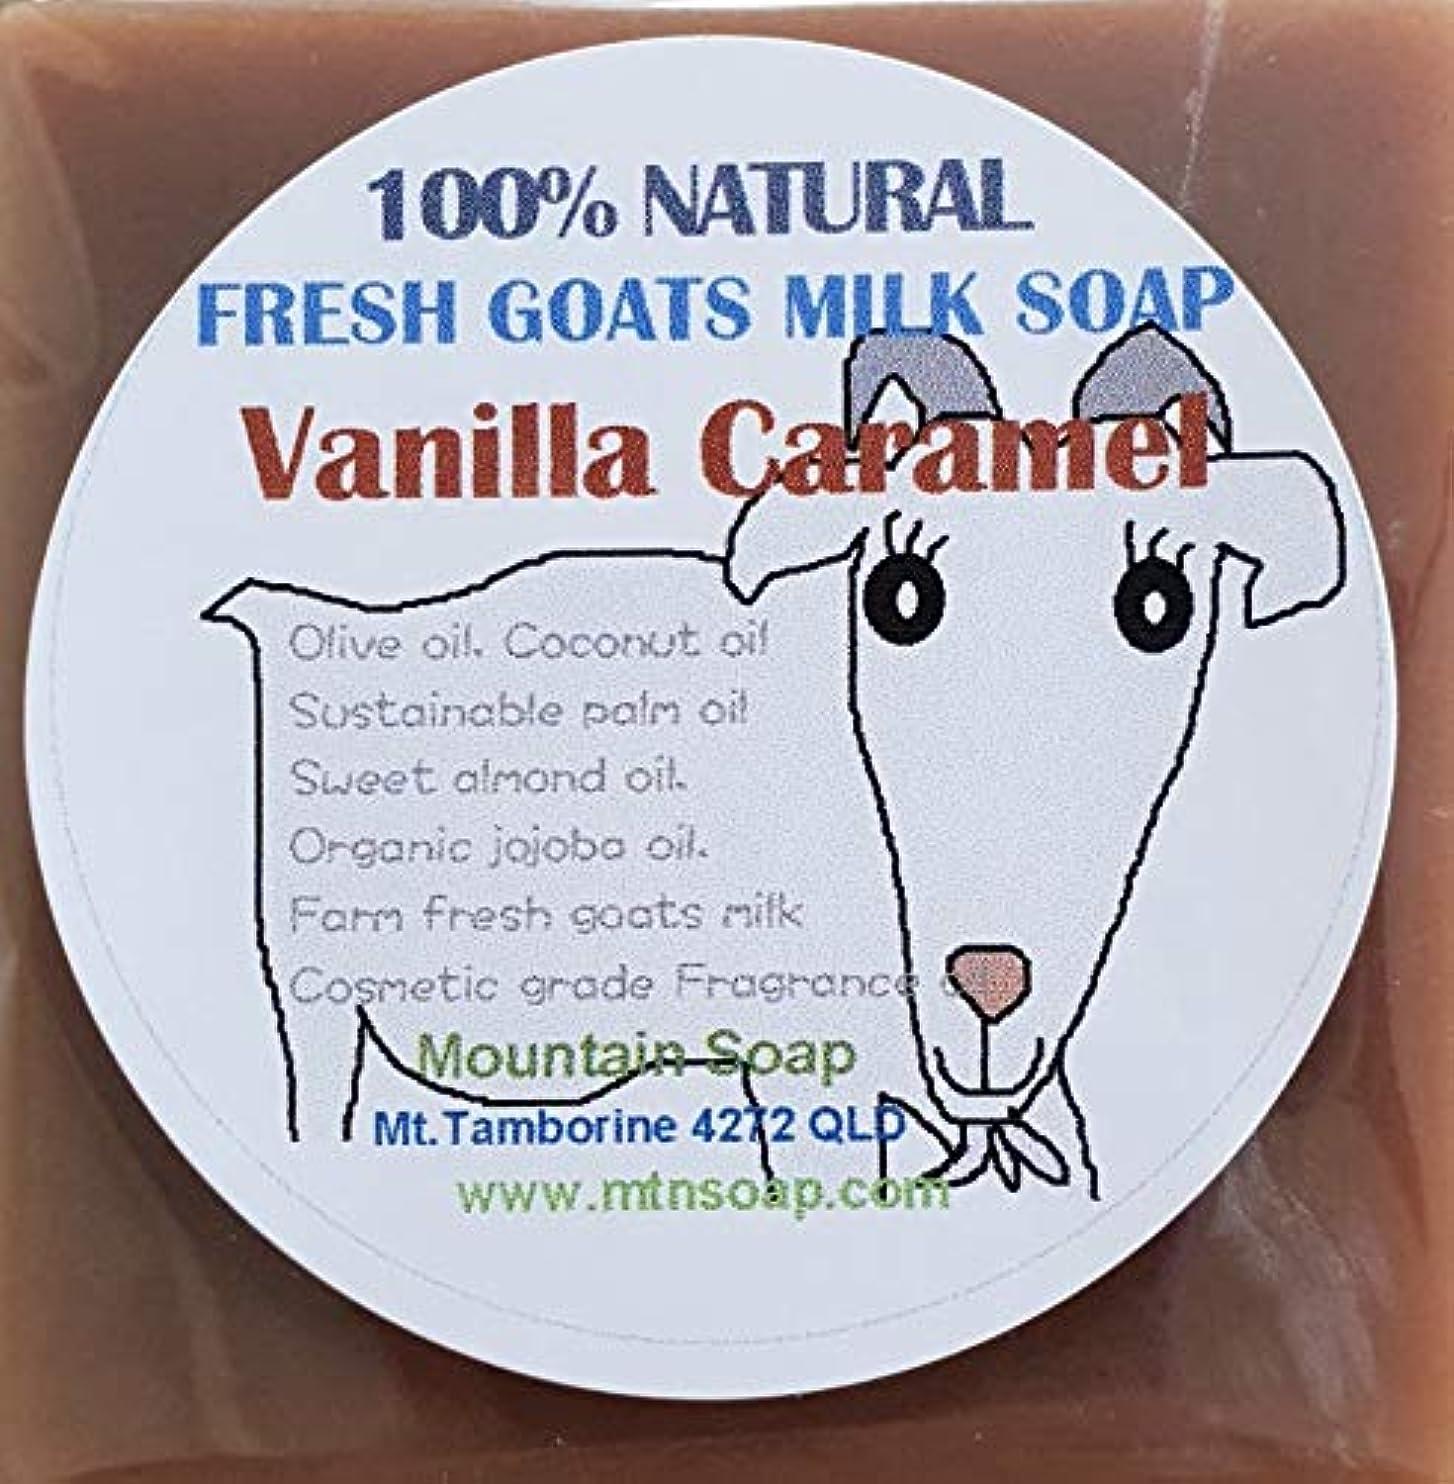 蜂もっともらしい悔い改め【Mountain Soap】農場直送絞りたてゴートミルク生乳使用 ゴートミルク石鹸 バニラキャラメル